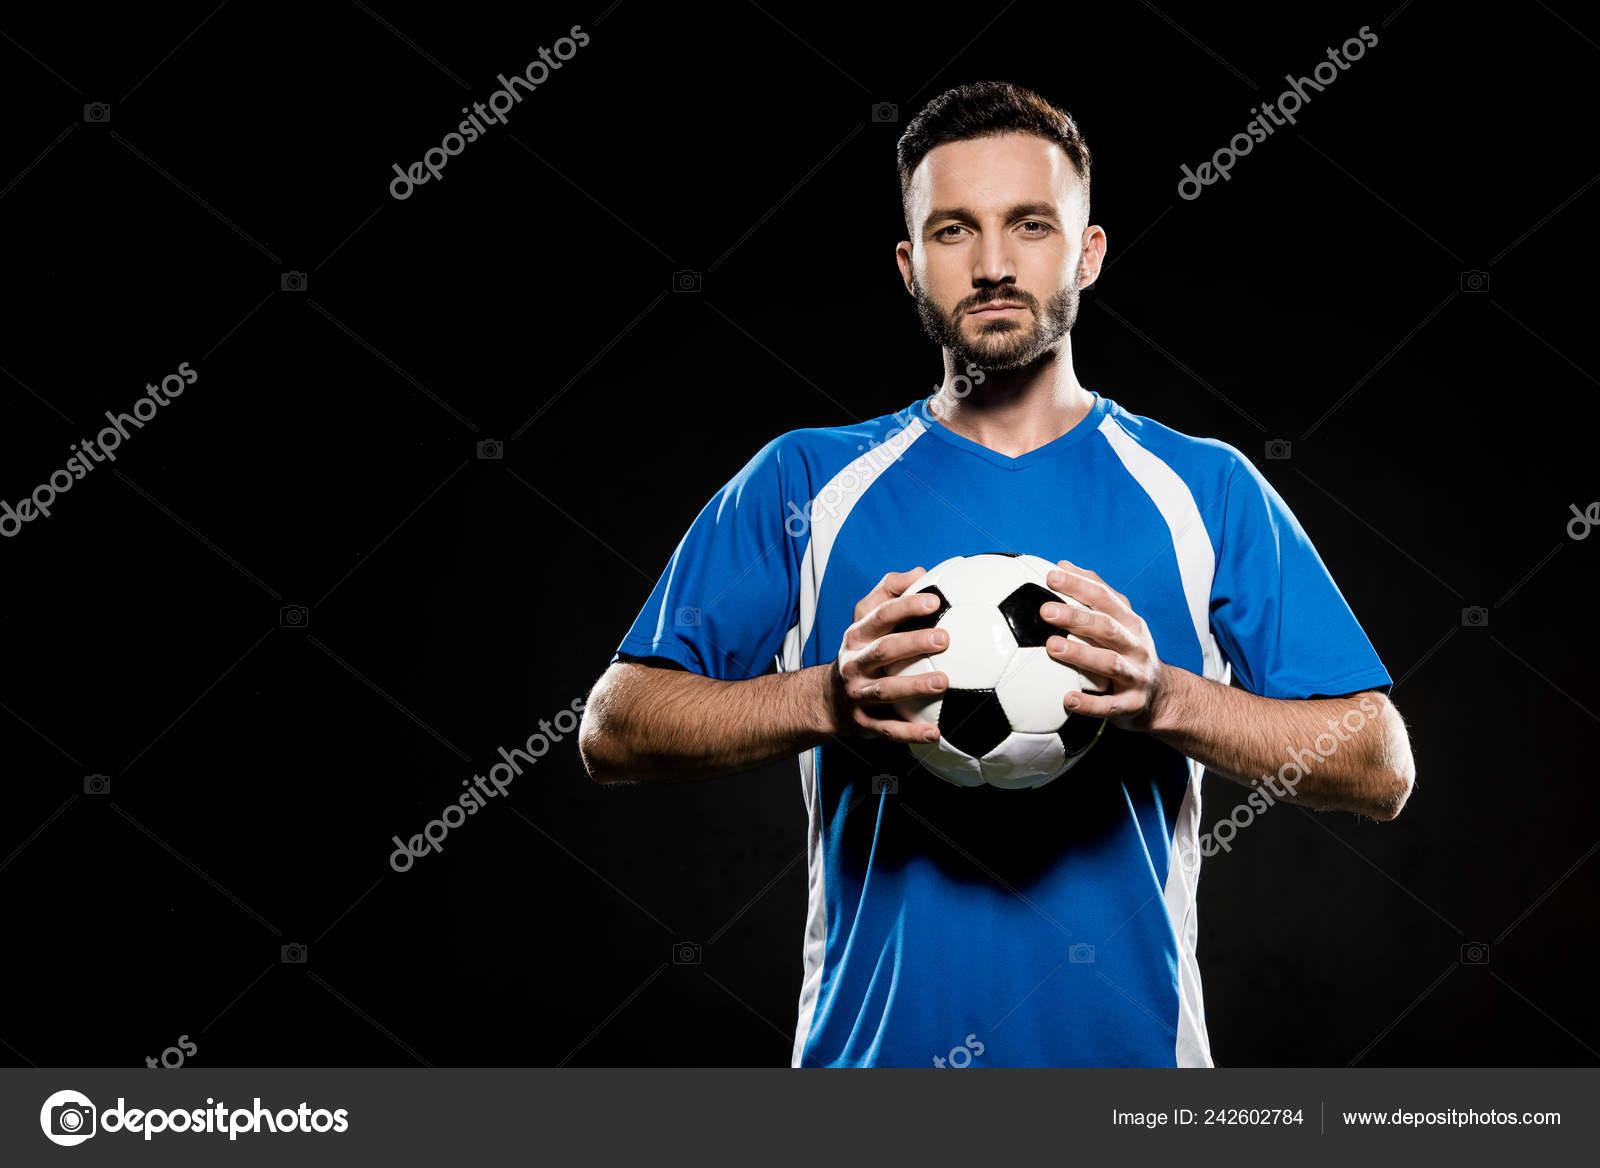 Fussballspieler Mit Ball Hand Isoliert Auf Schwarz